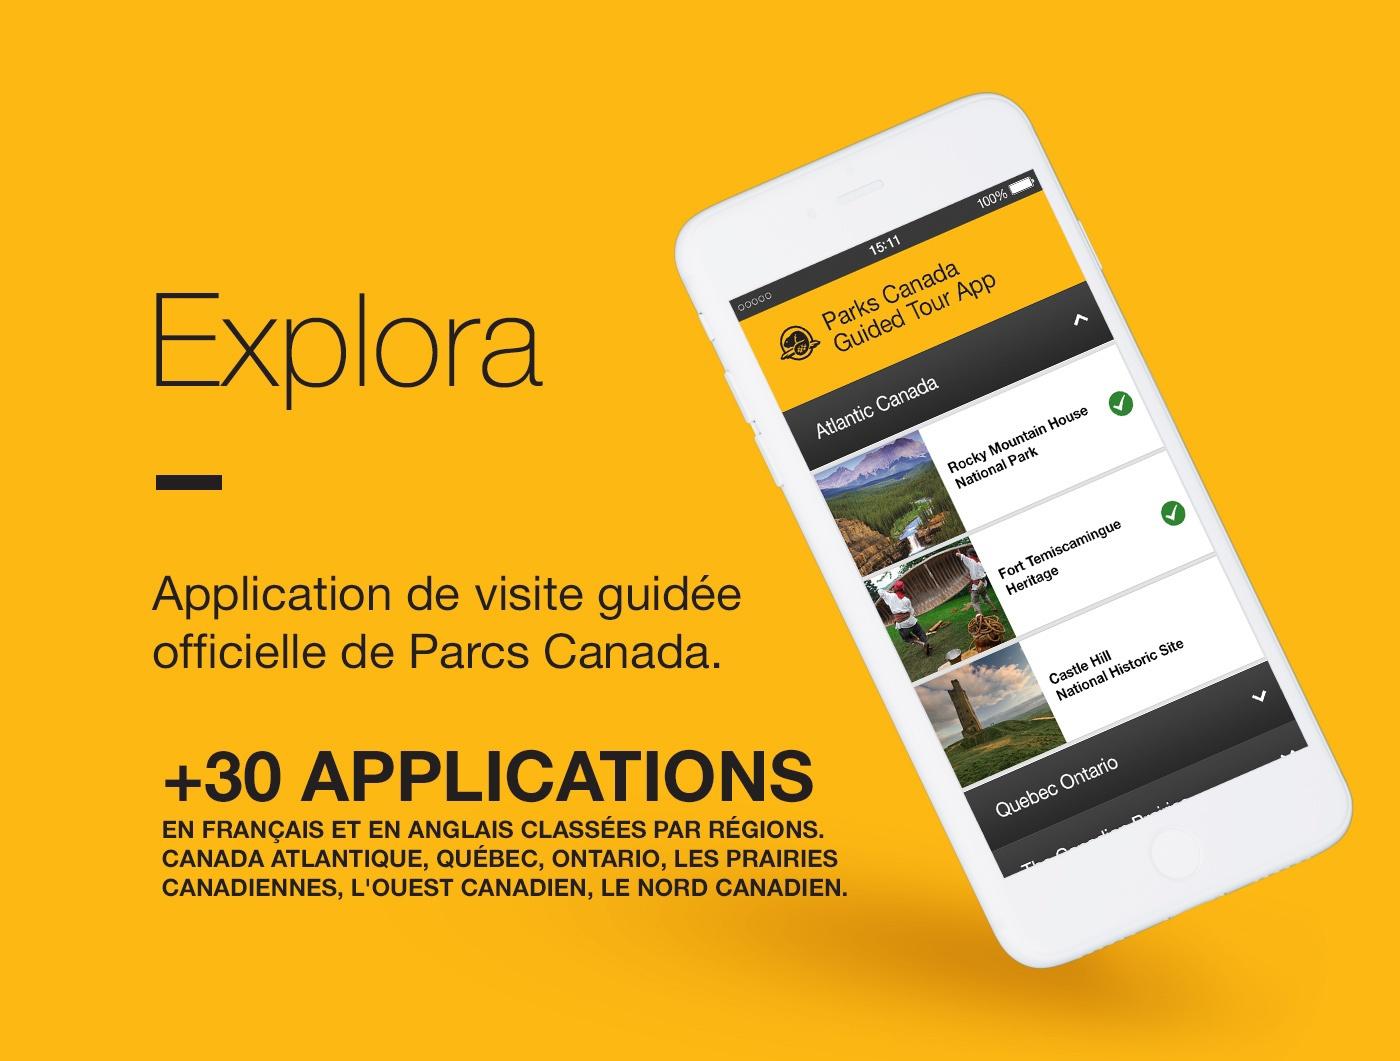 Parcs Canada parks canada Explora tourism Tourisme Quebec Ontario ouest canada nord canada application mobile